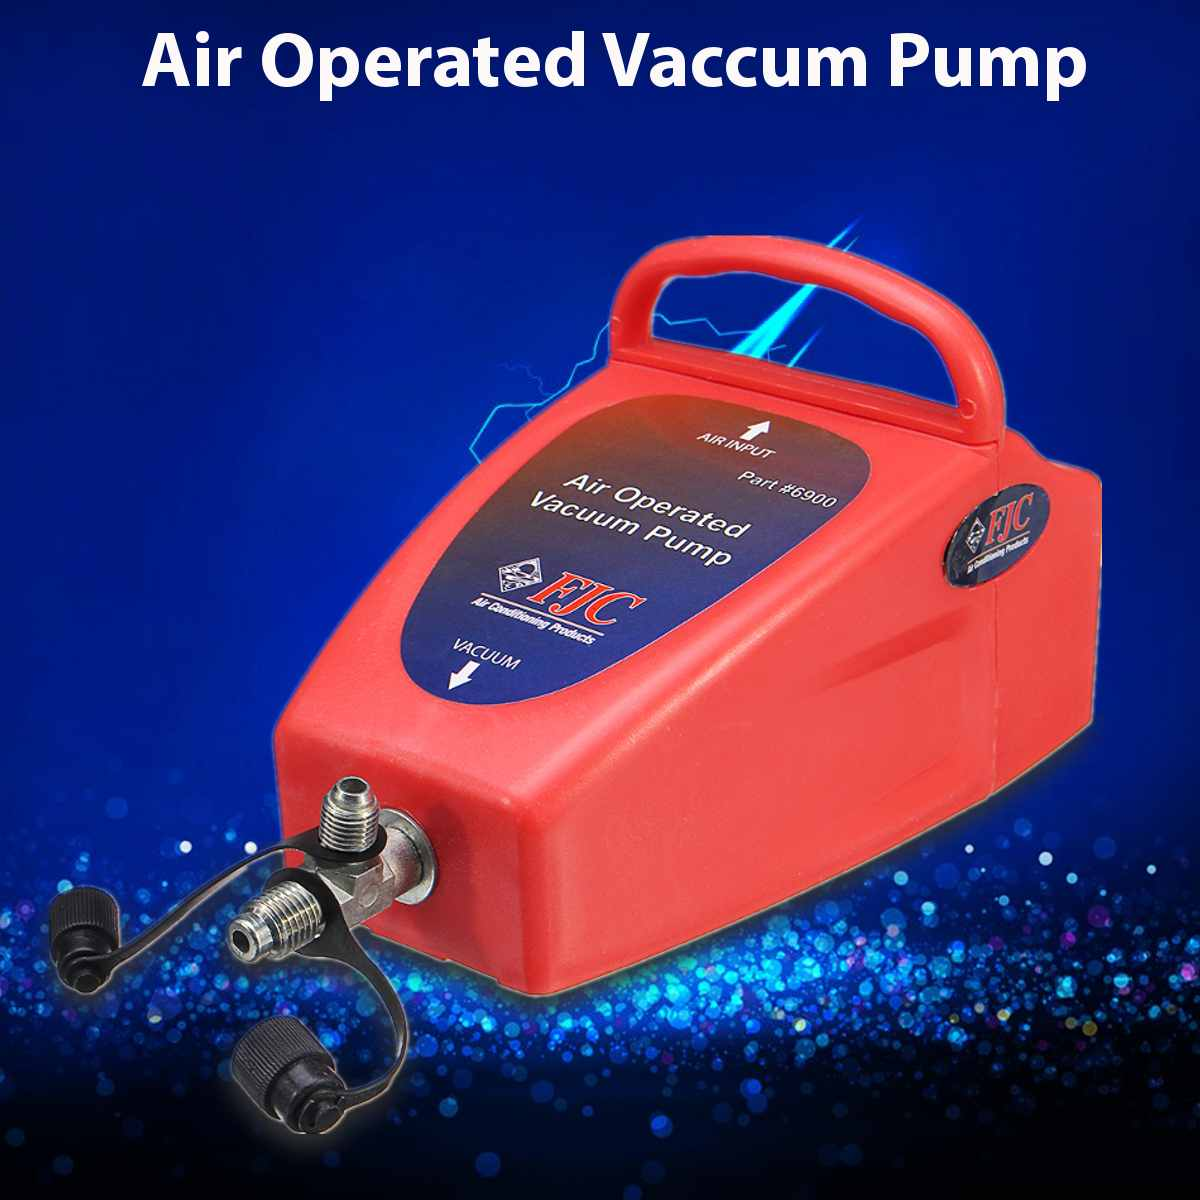 أداة نظام تكييف هواء 4.2CFM A/C مضخة تفريغ تعمل بالهواء للسيارات 1/2